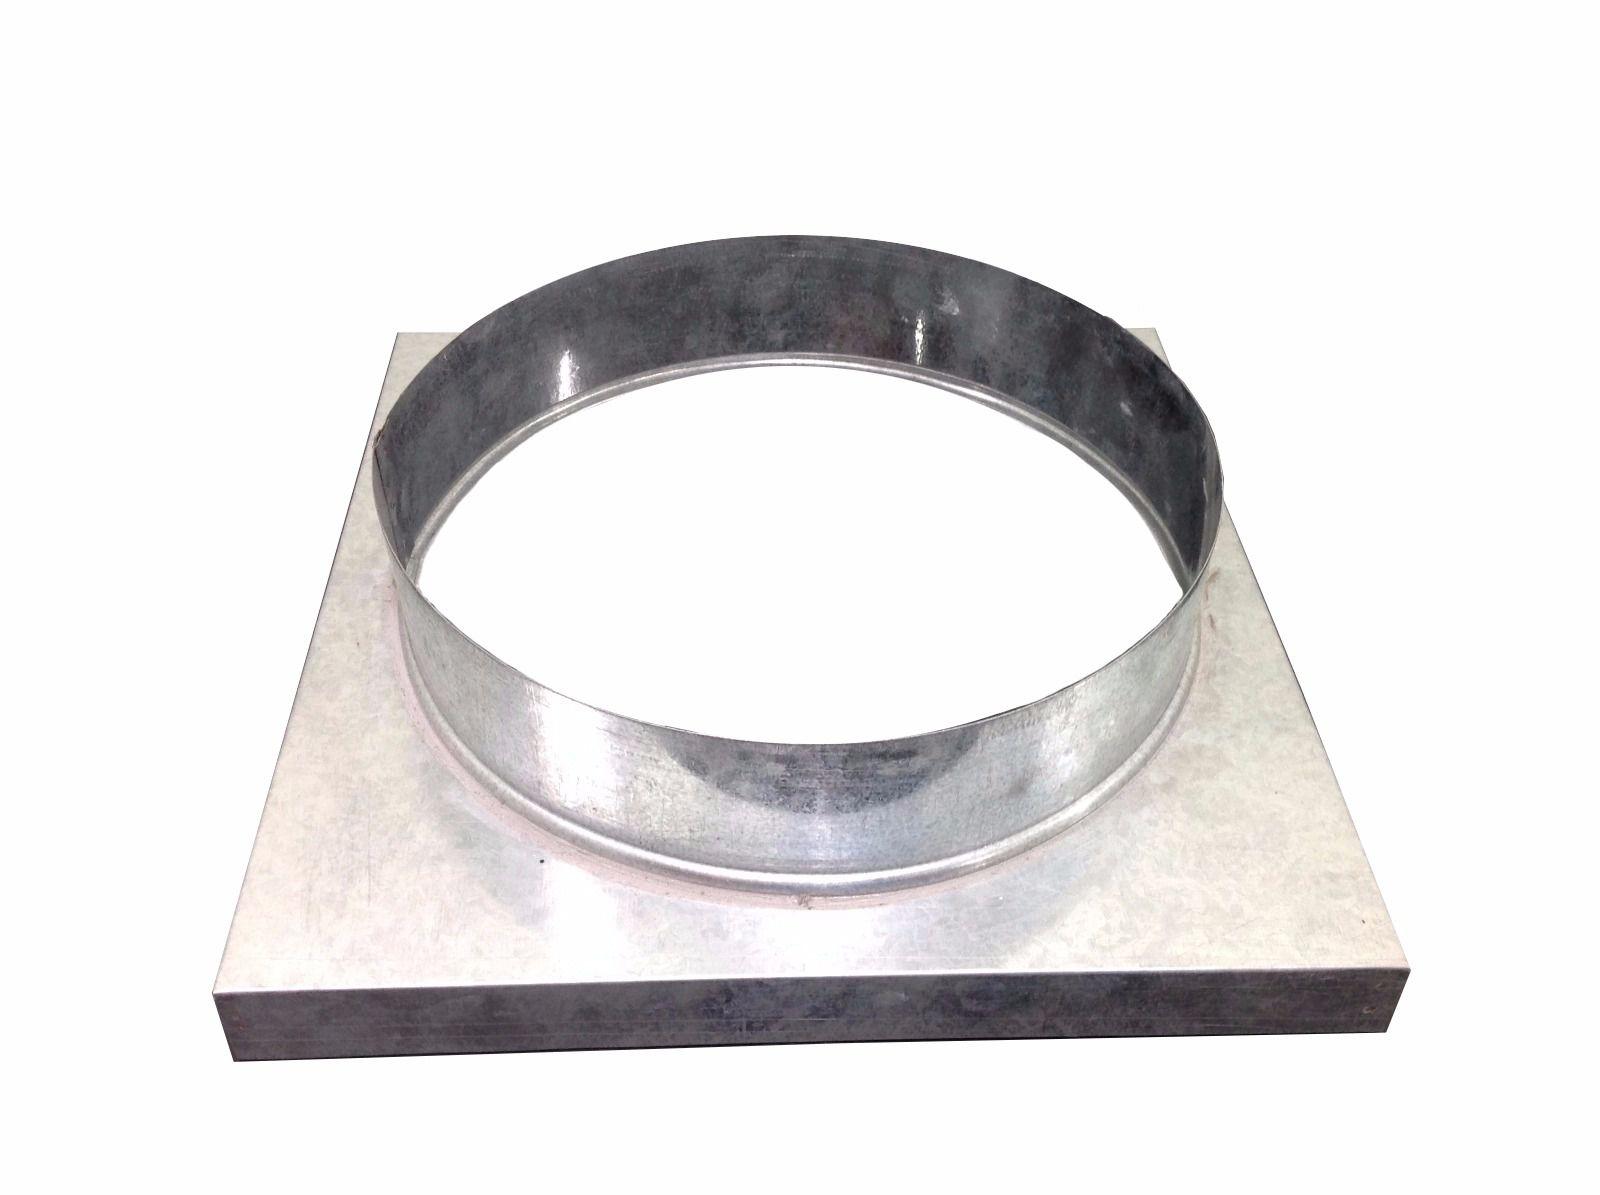 Chamine de 150 mm de diâmetro para churrasqueira pré moldada  - Galvocalhas